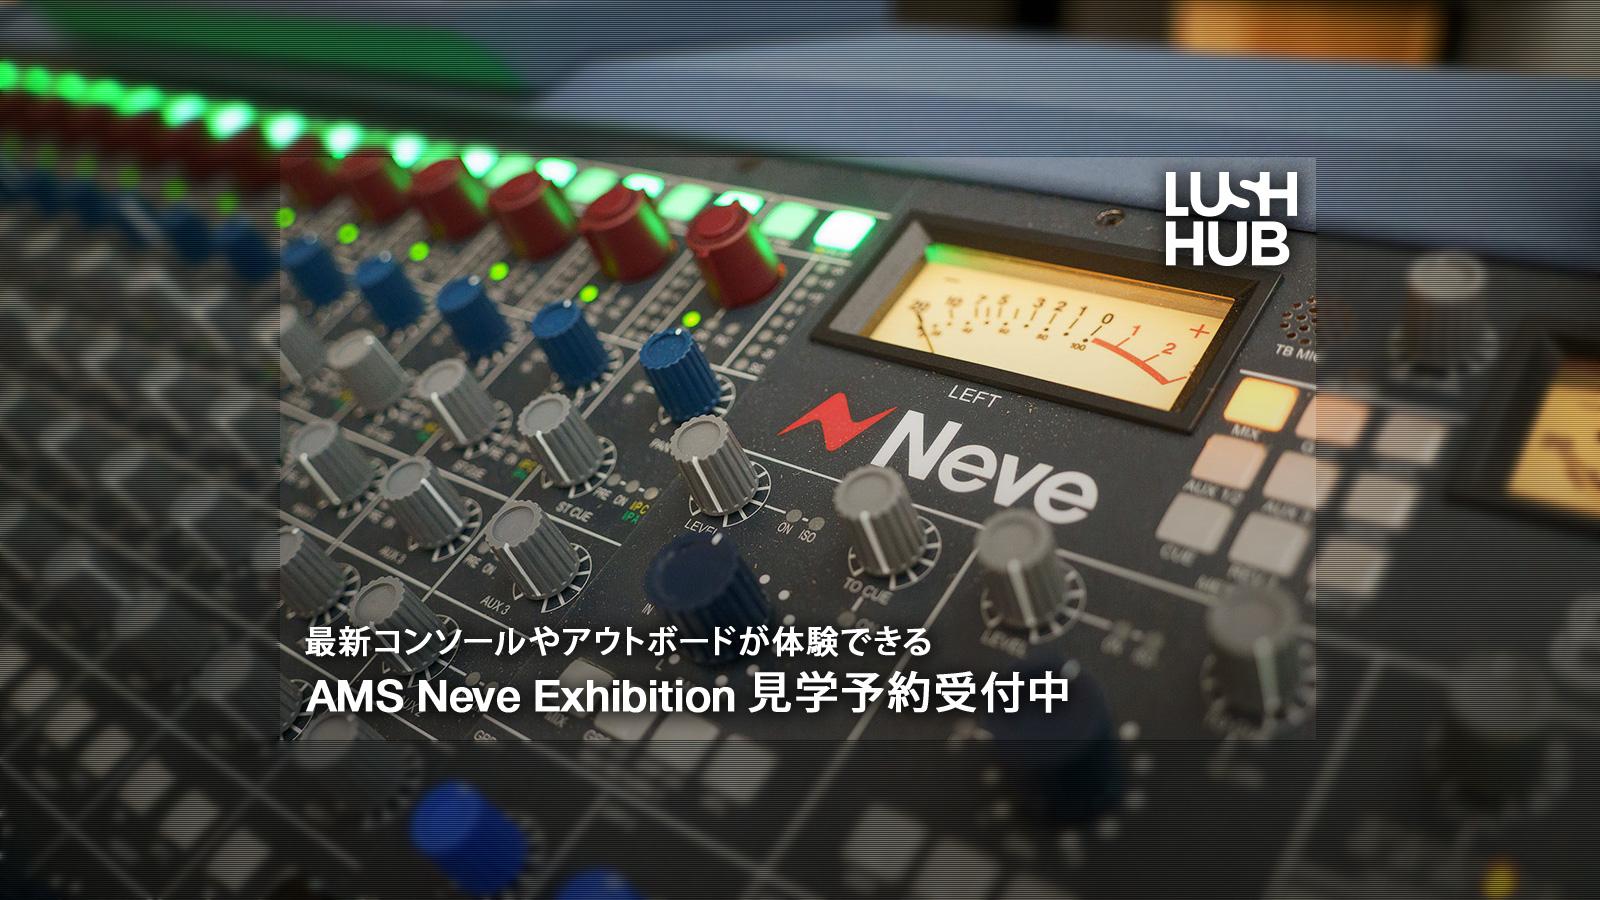 最新コンソールやアウトボードが体験できるAMS Neve Exhibition見学予約受付中